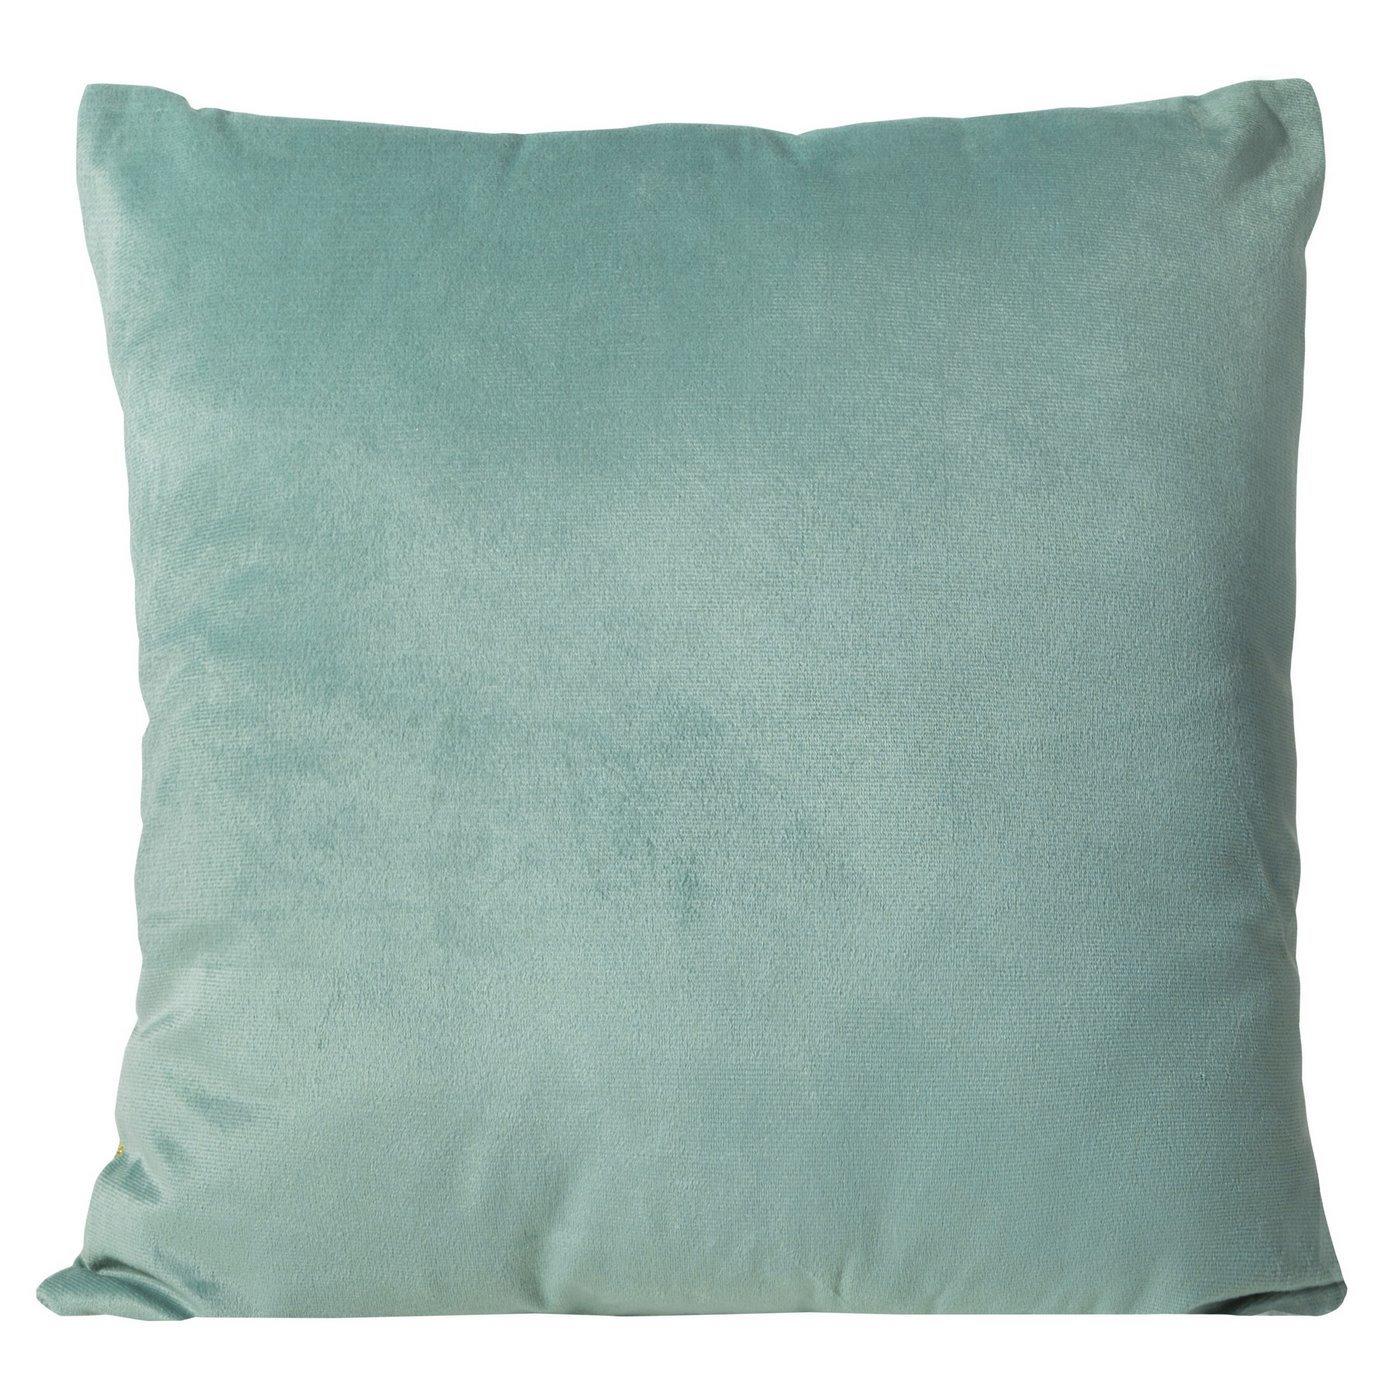 Poszewka na poduszkę gładka morska 40 x 40 cm